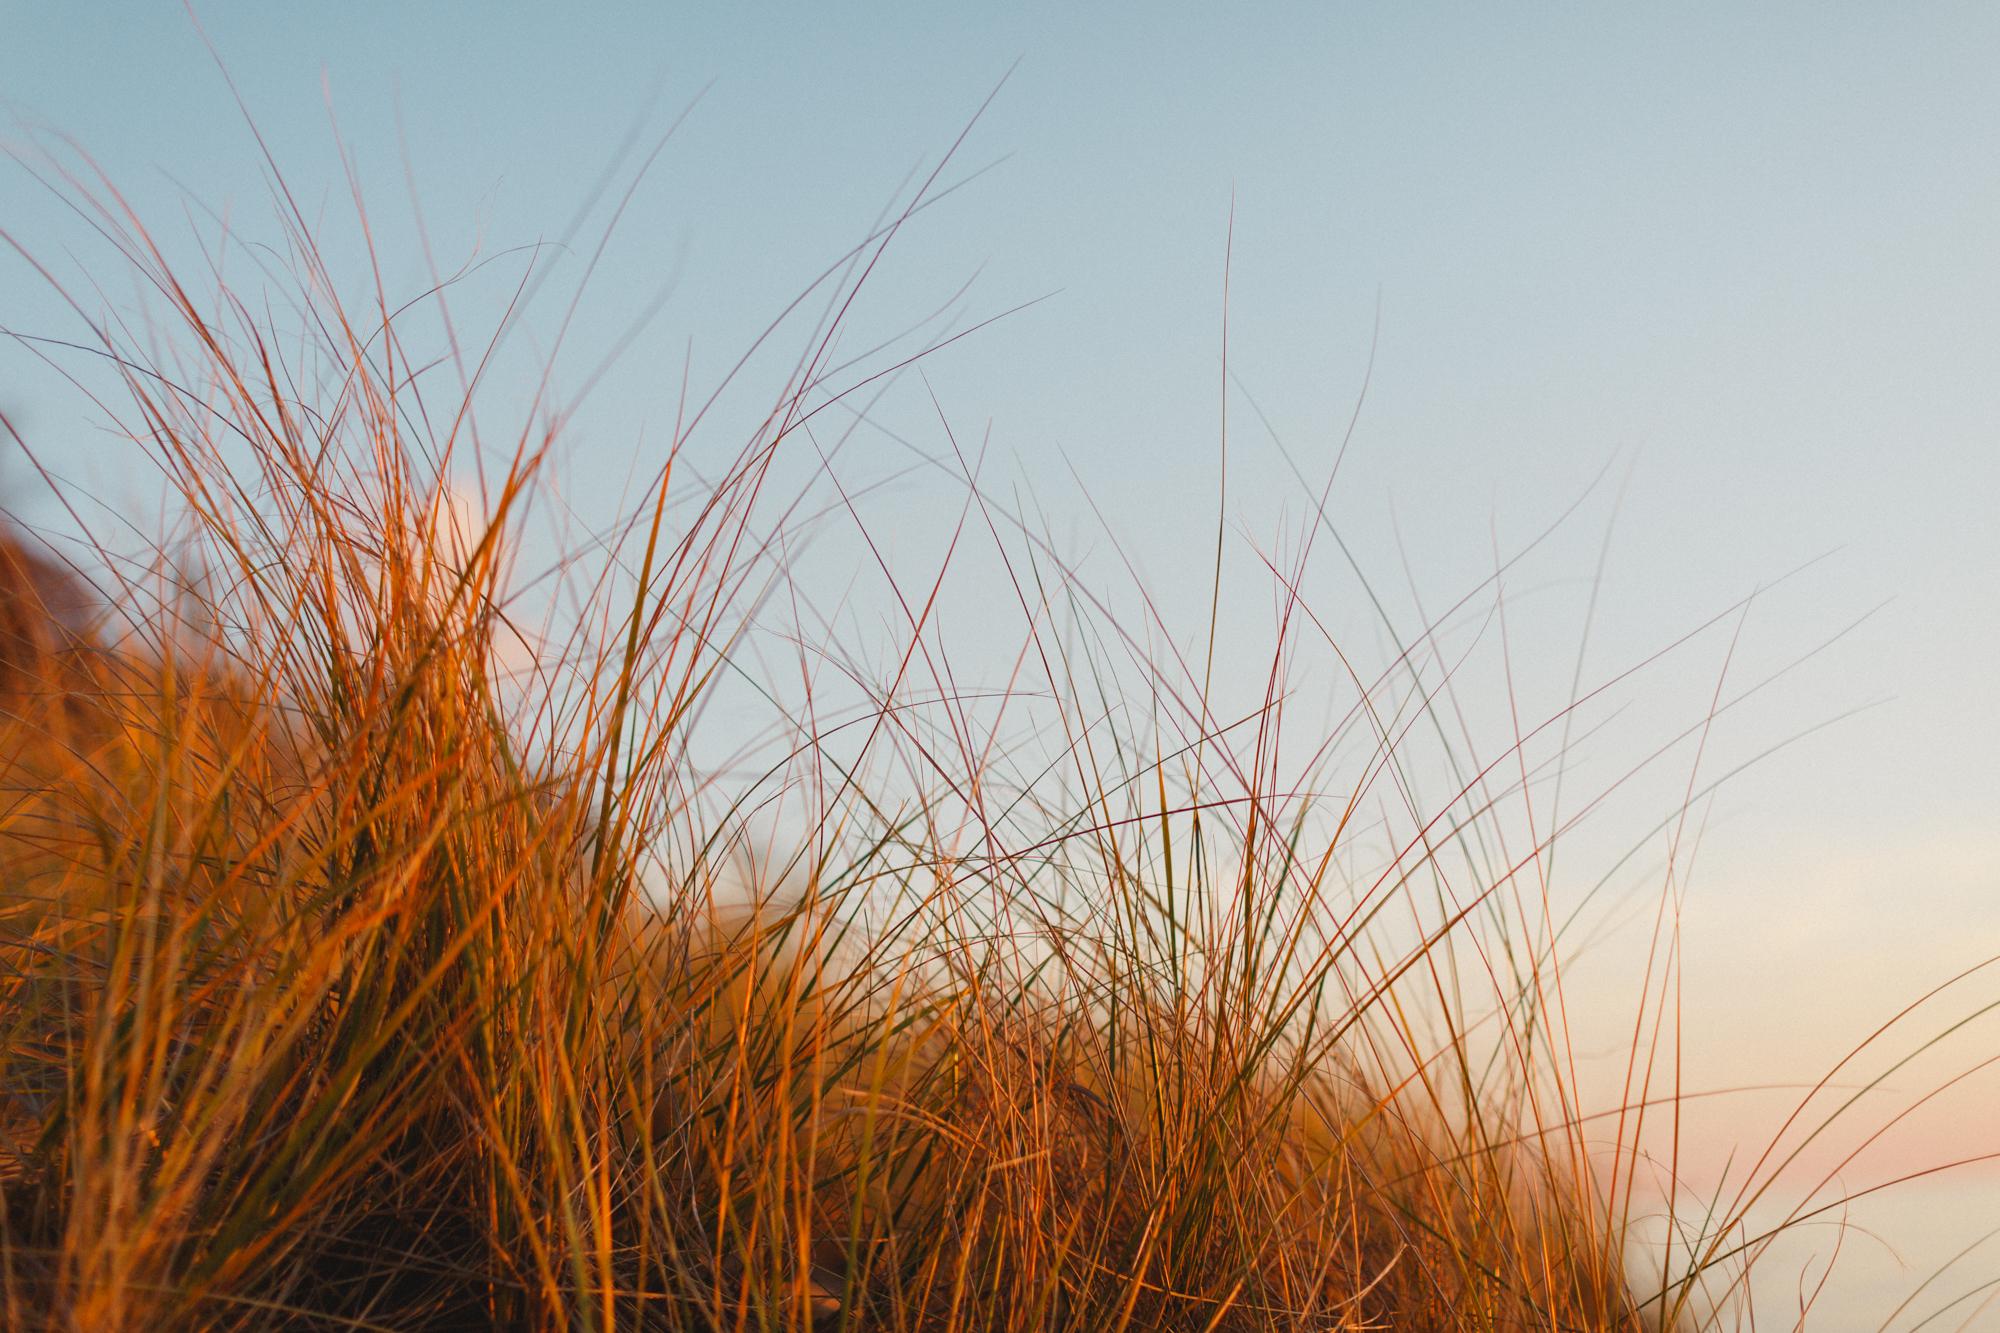 www.sarakrebsbach.com_kirk park beach-14.jpg